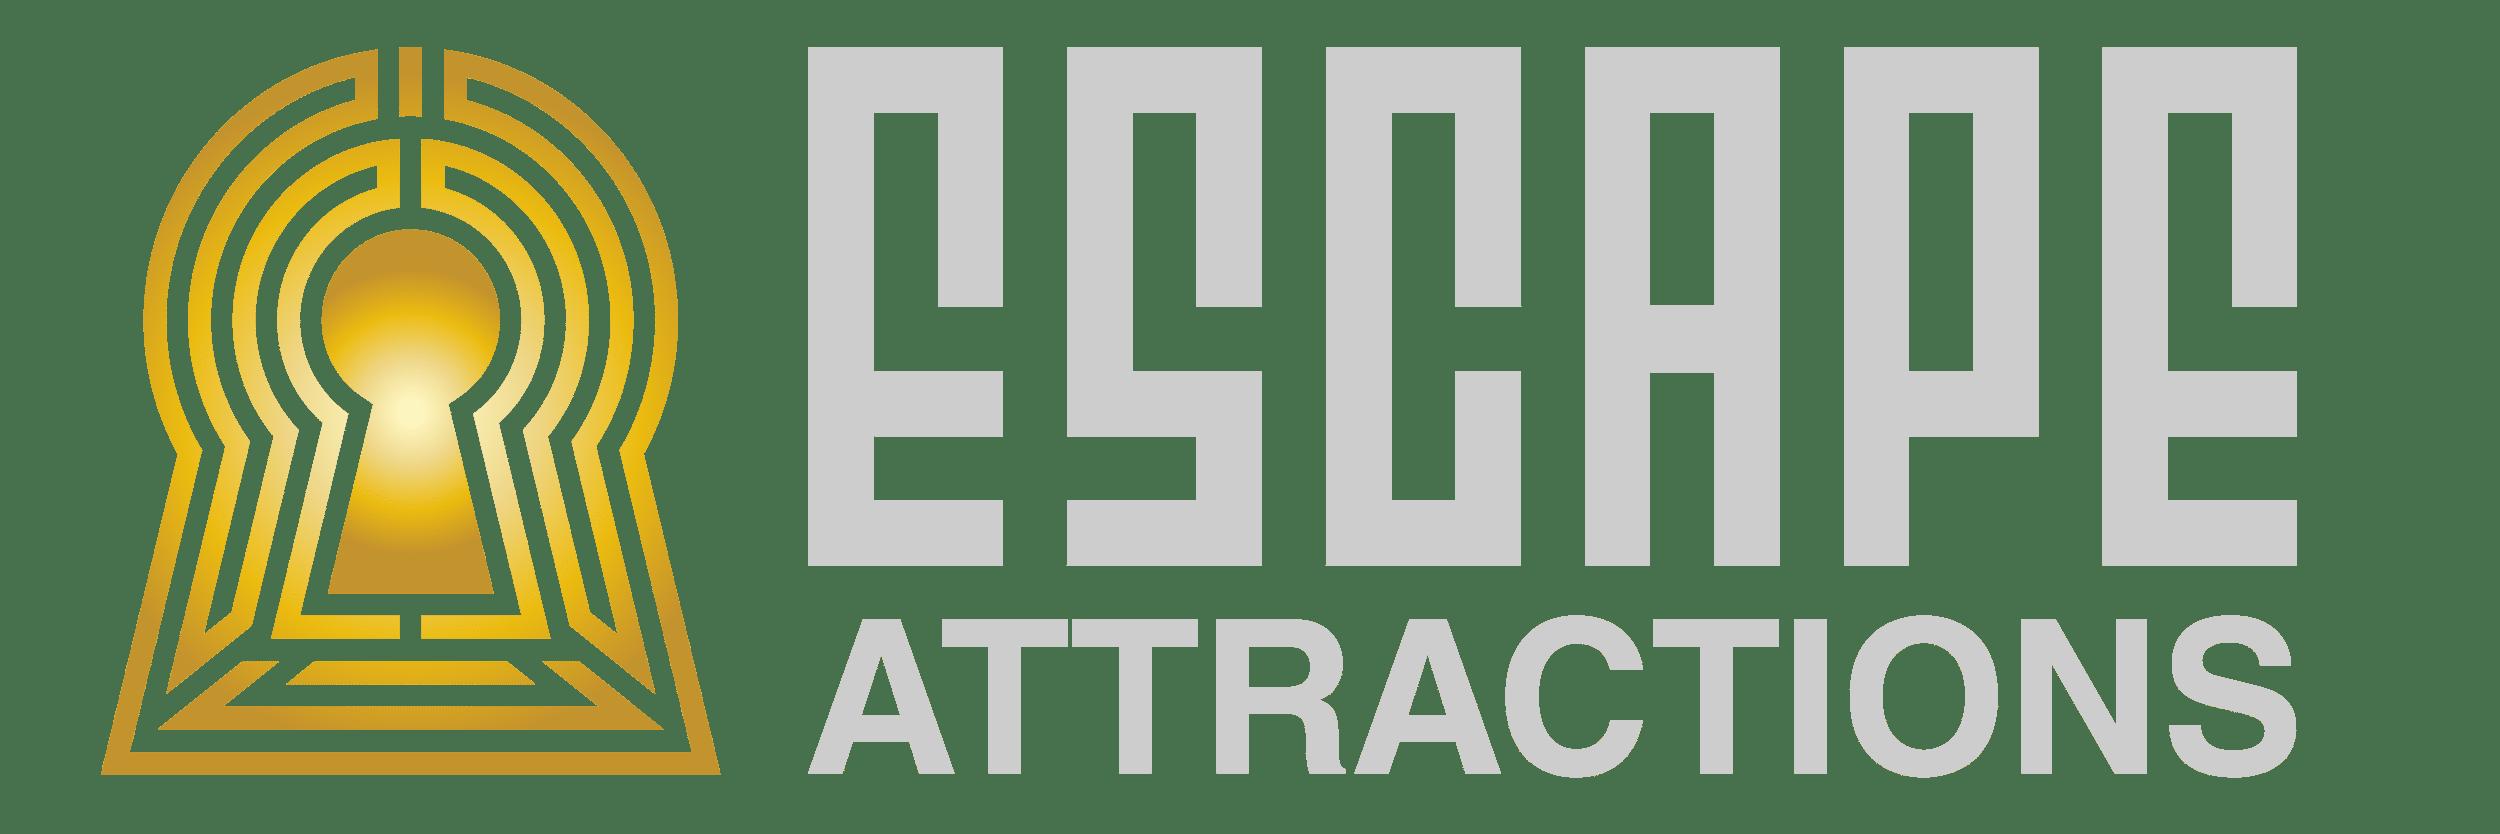 Escape Game Escape Games & Attractions Logo